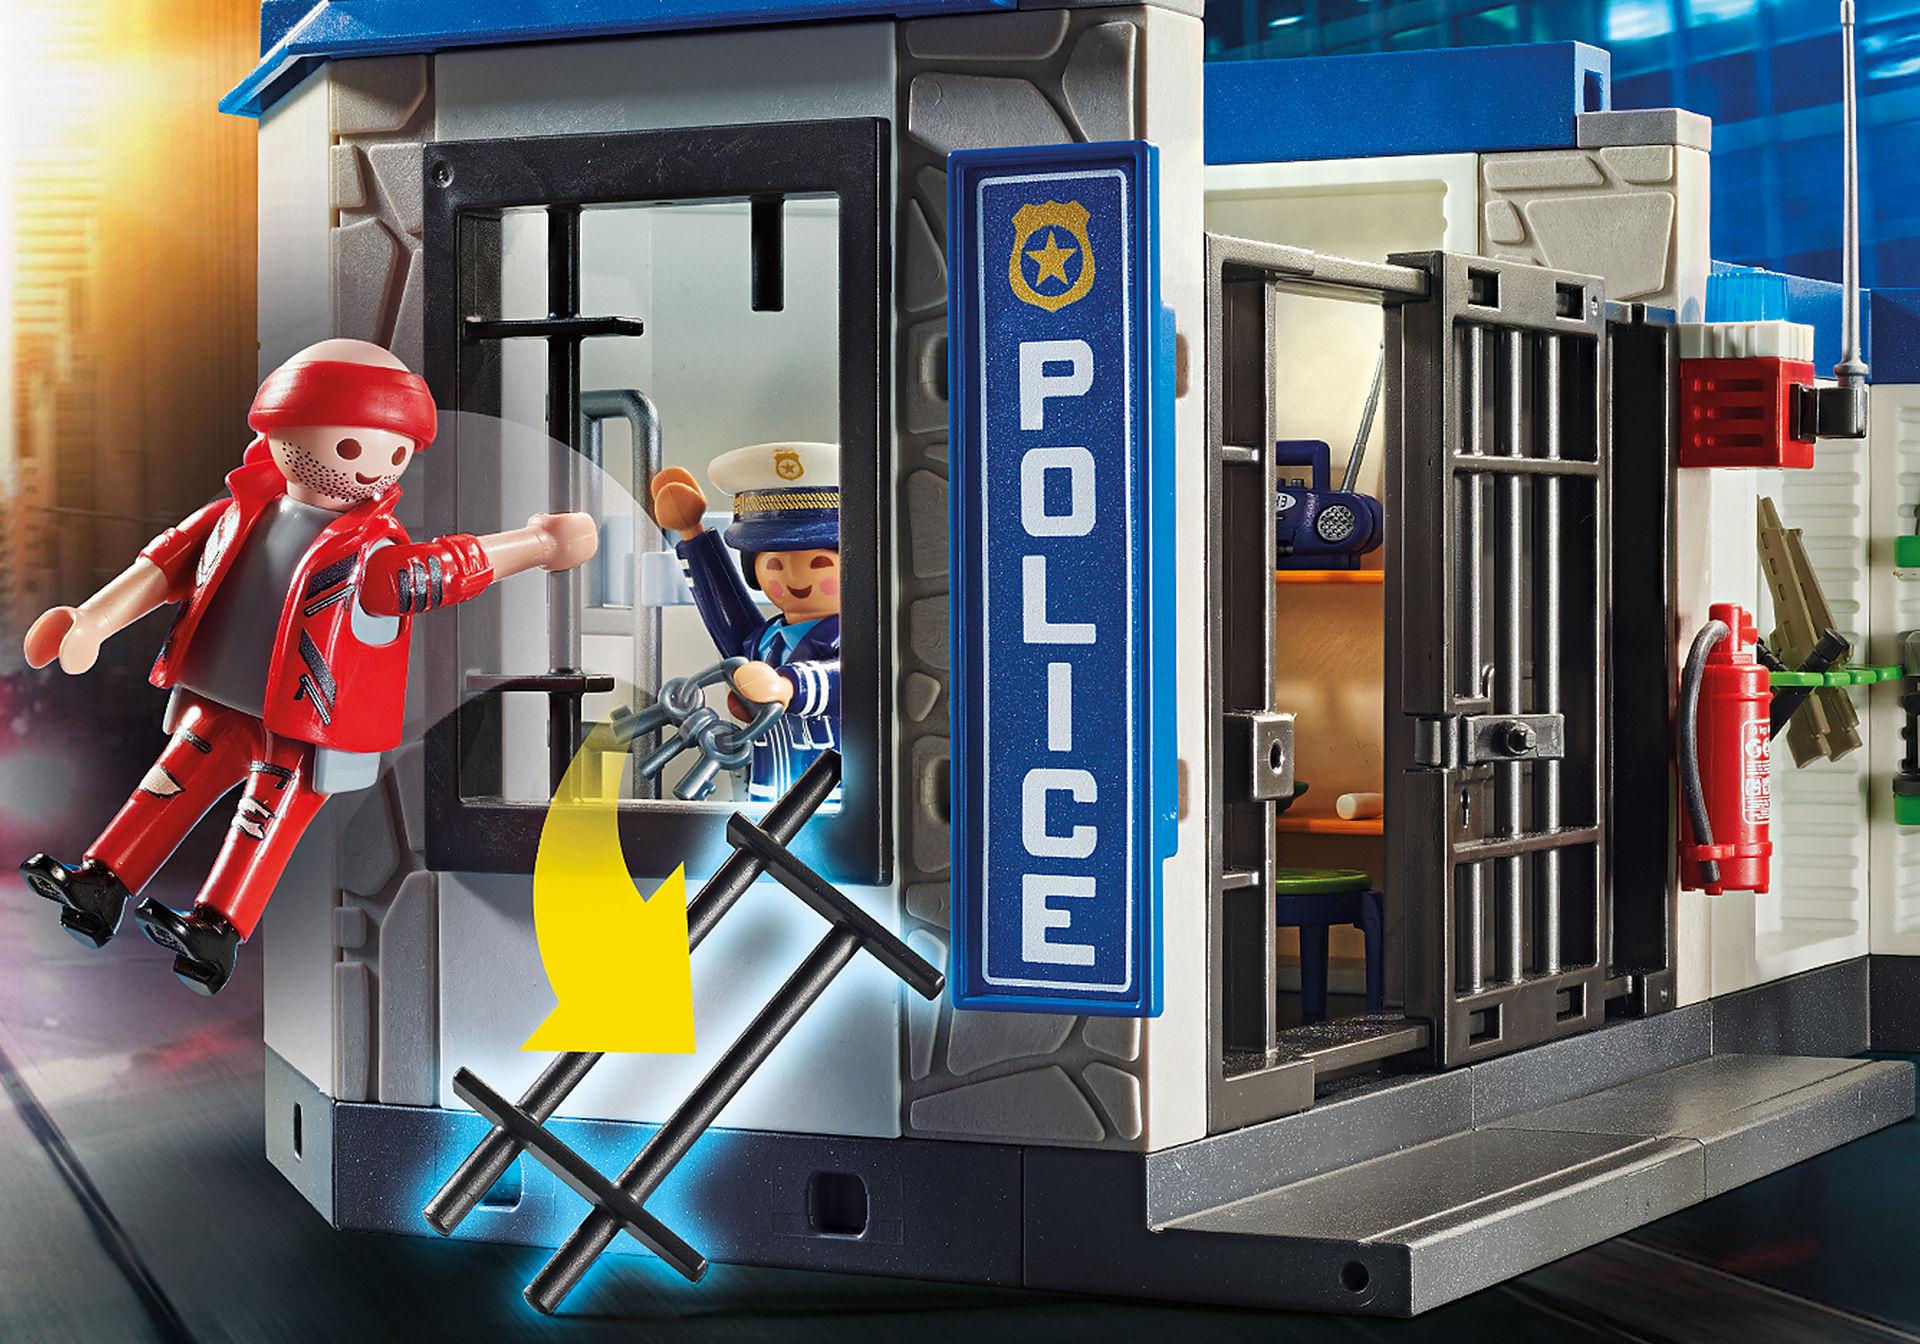 70568 Polícia: Fugir da prisão zoom image4